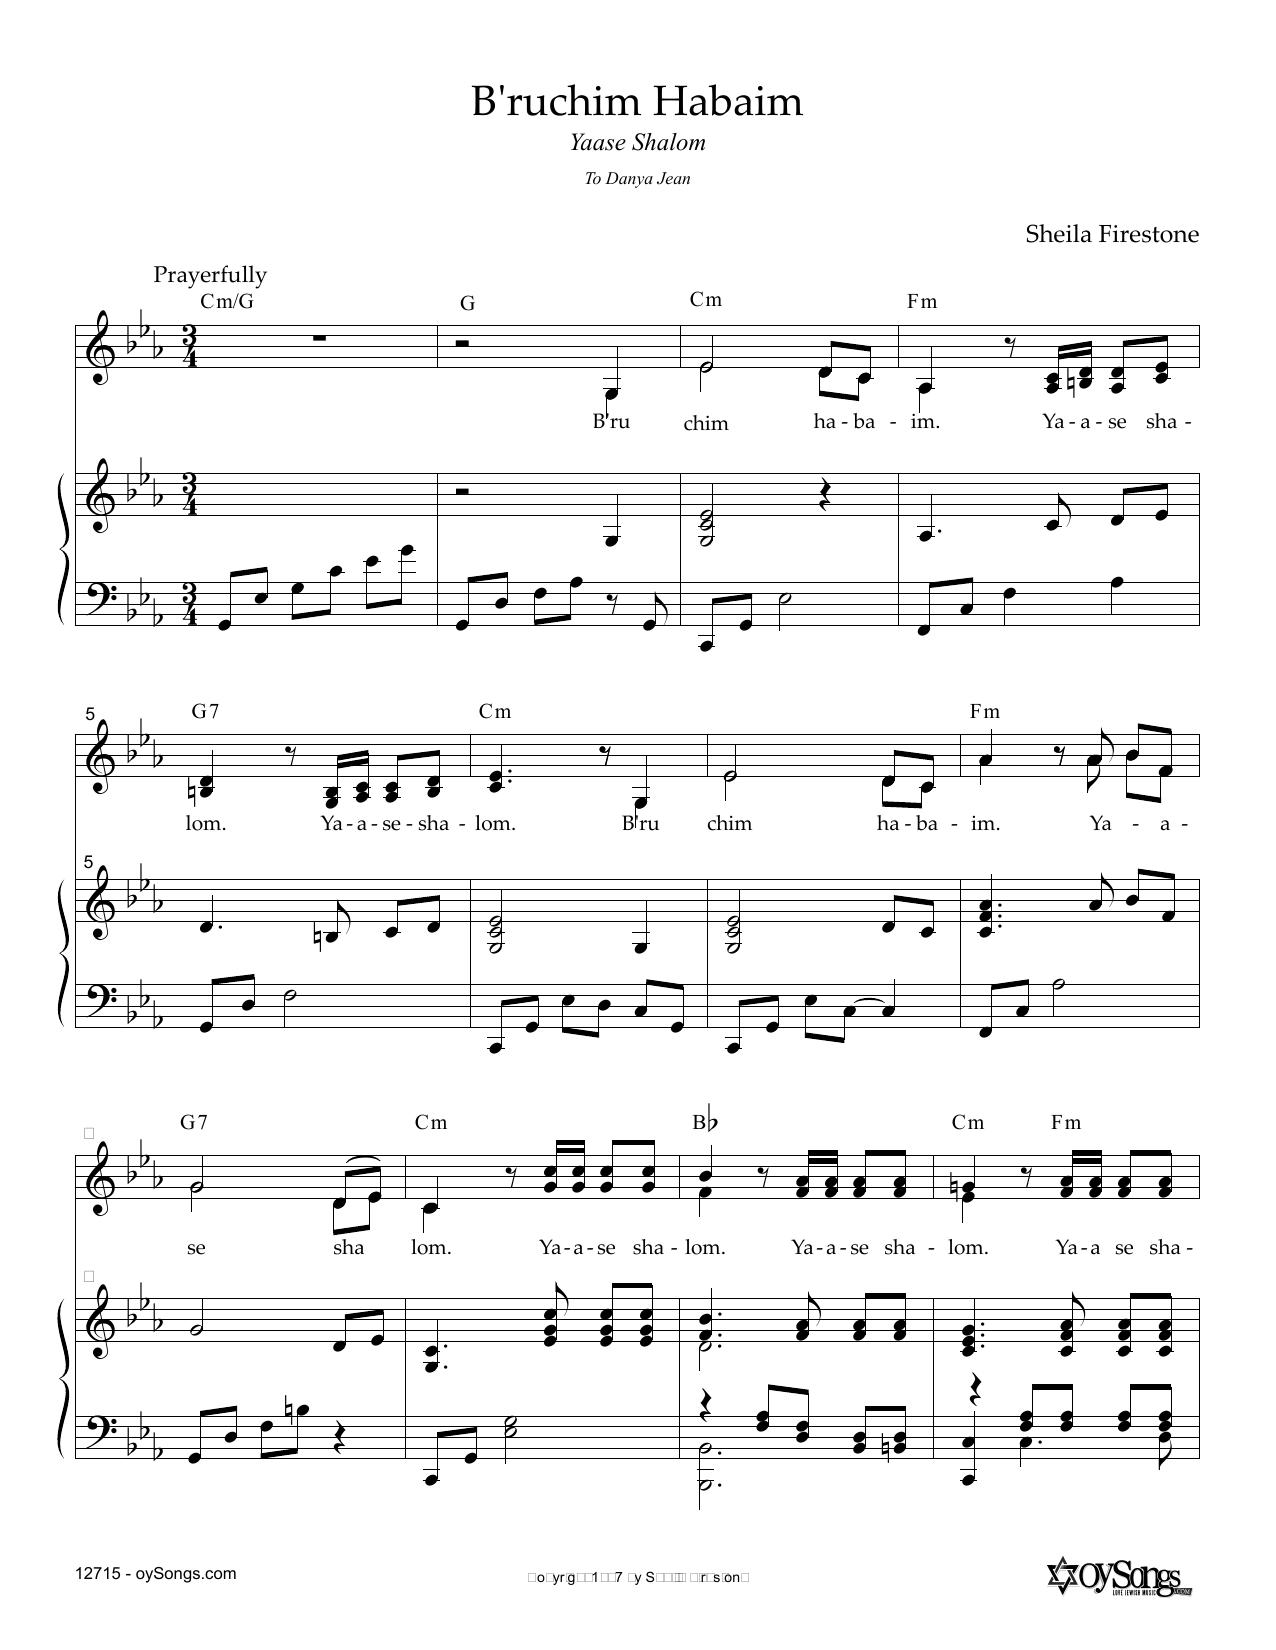 B'ruchim Habaim Sheet Music